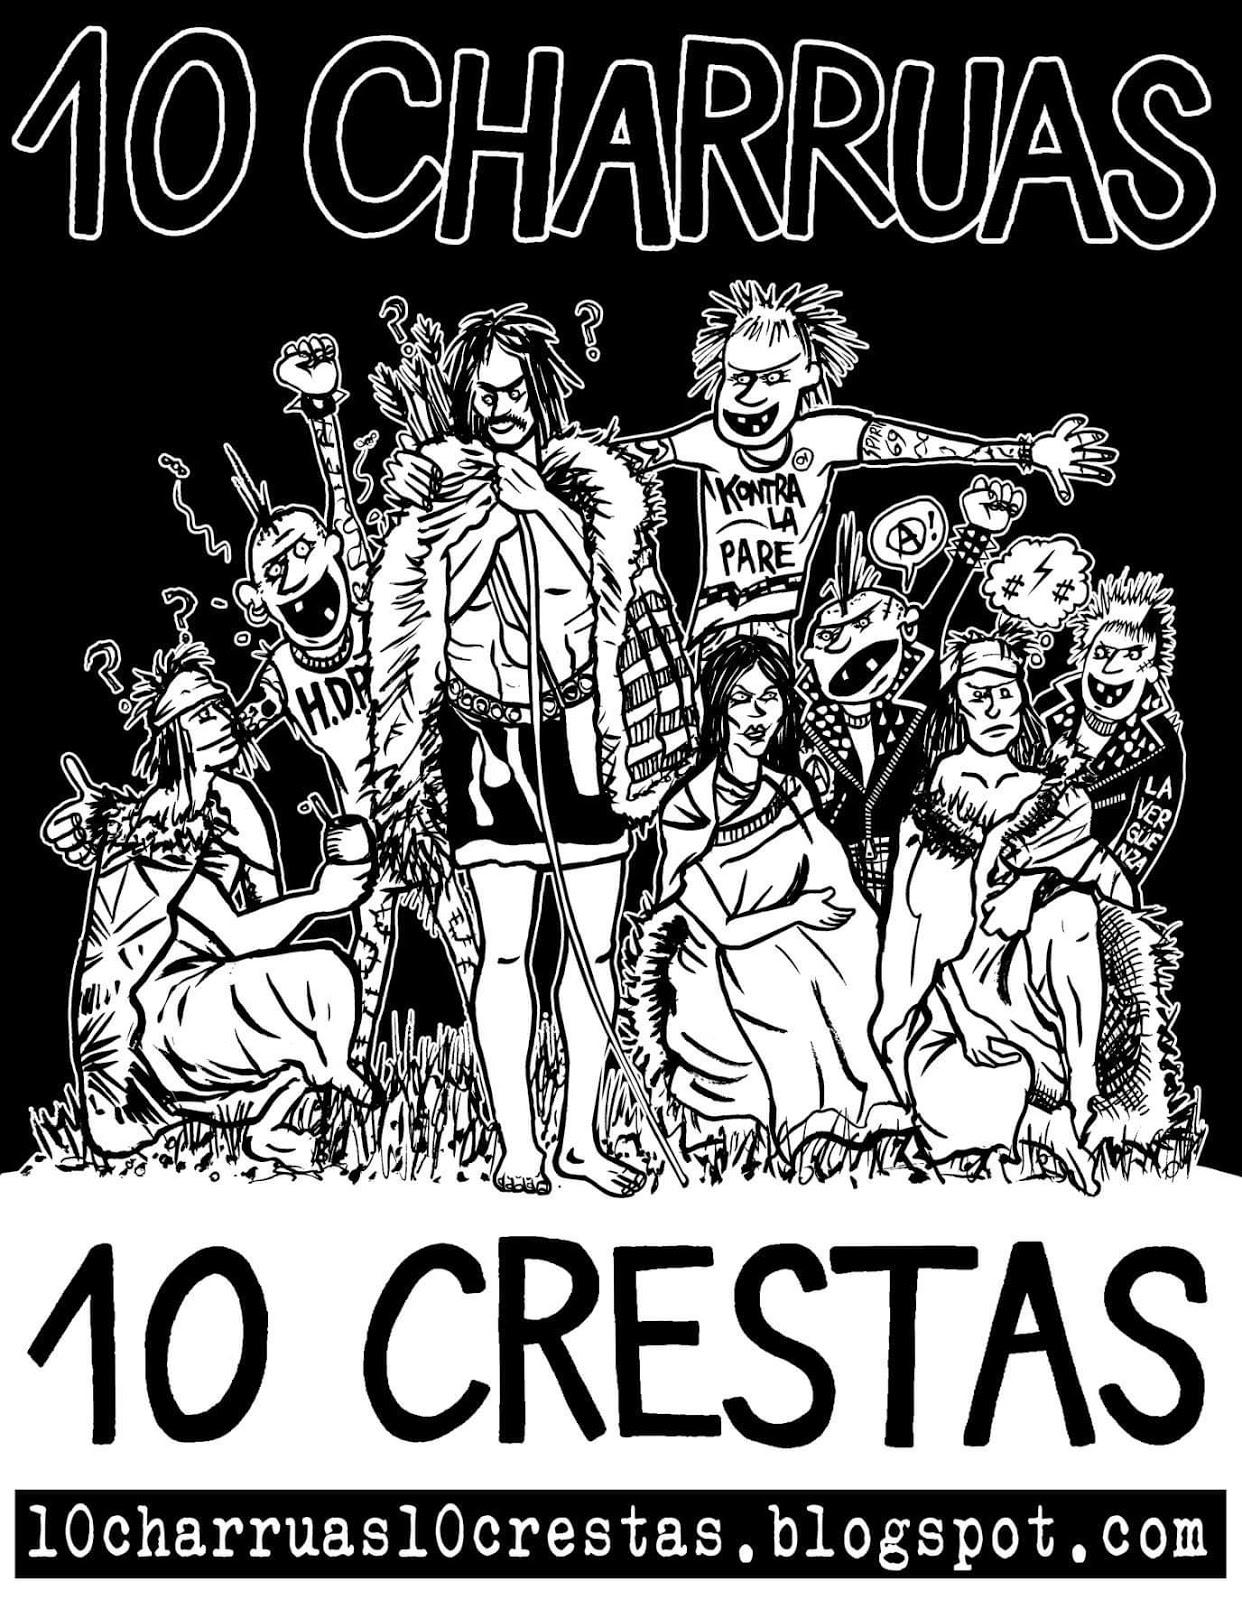 10charruas 10crestas